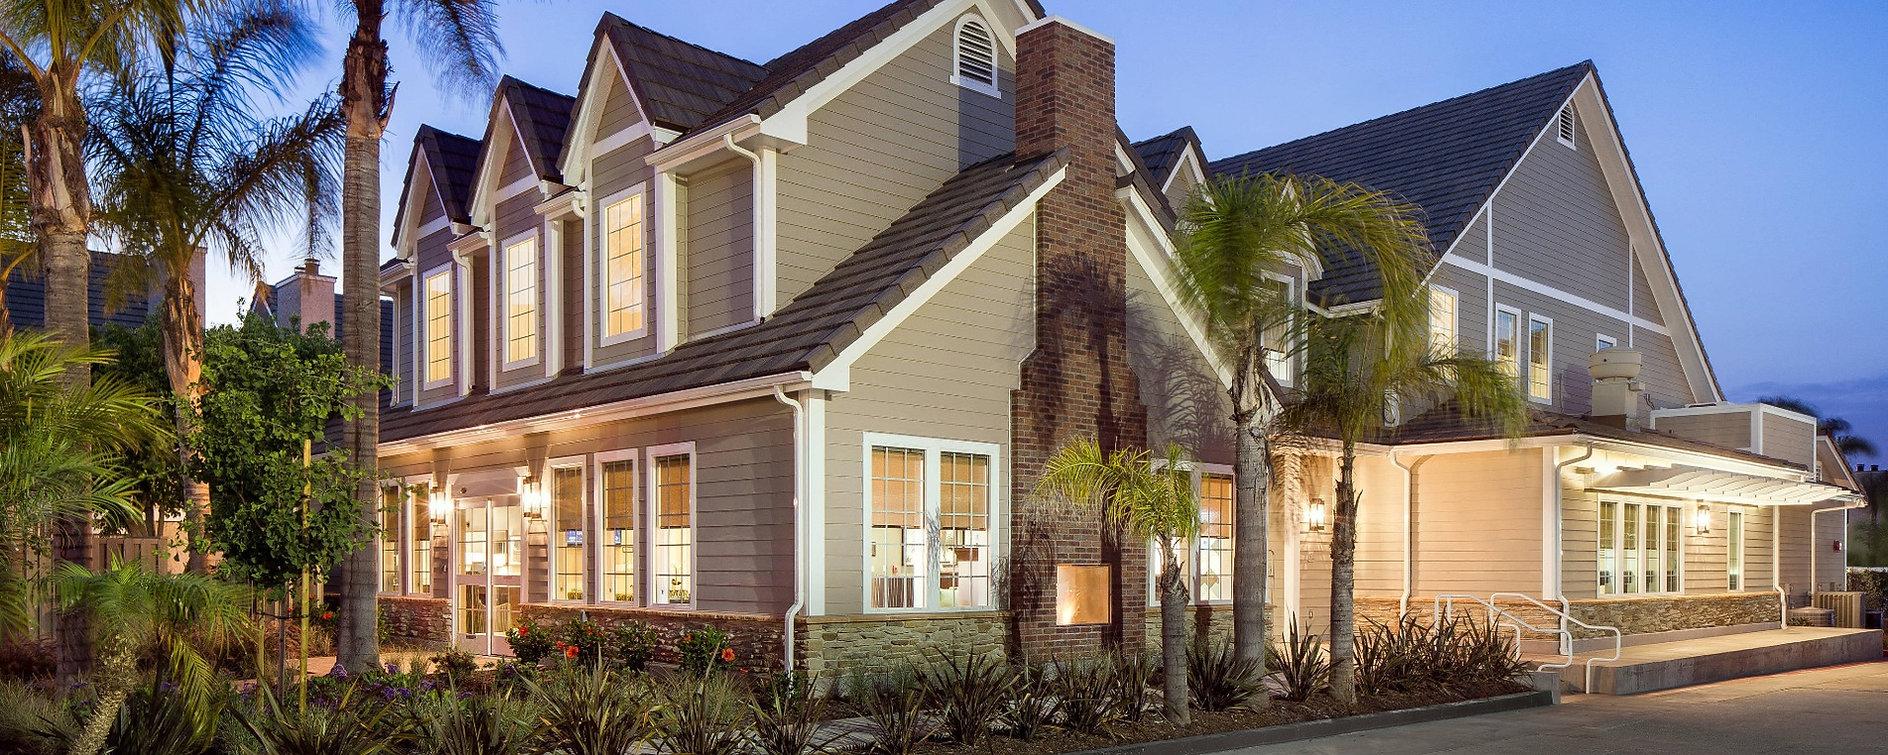 Real Estate_Main_1